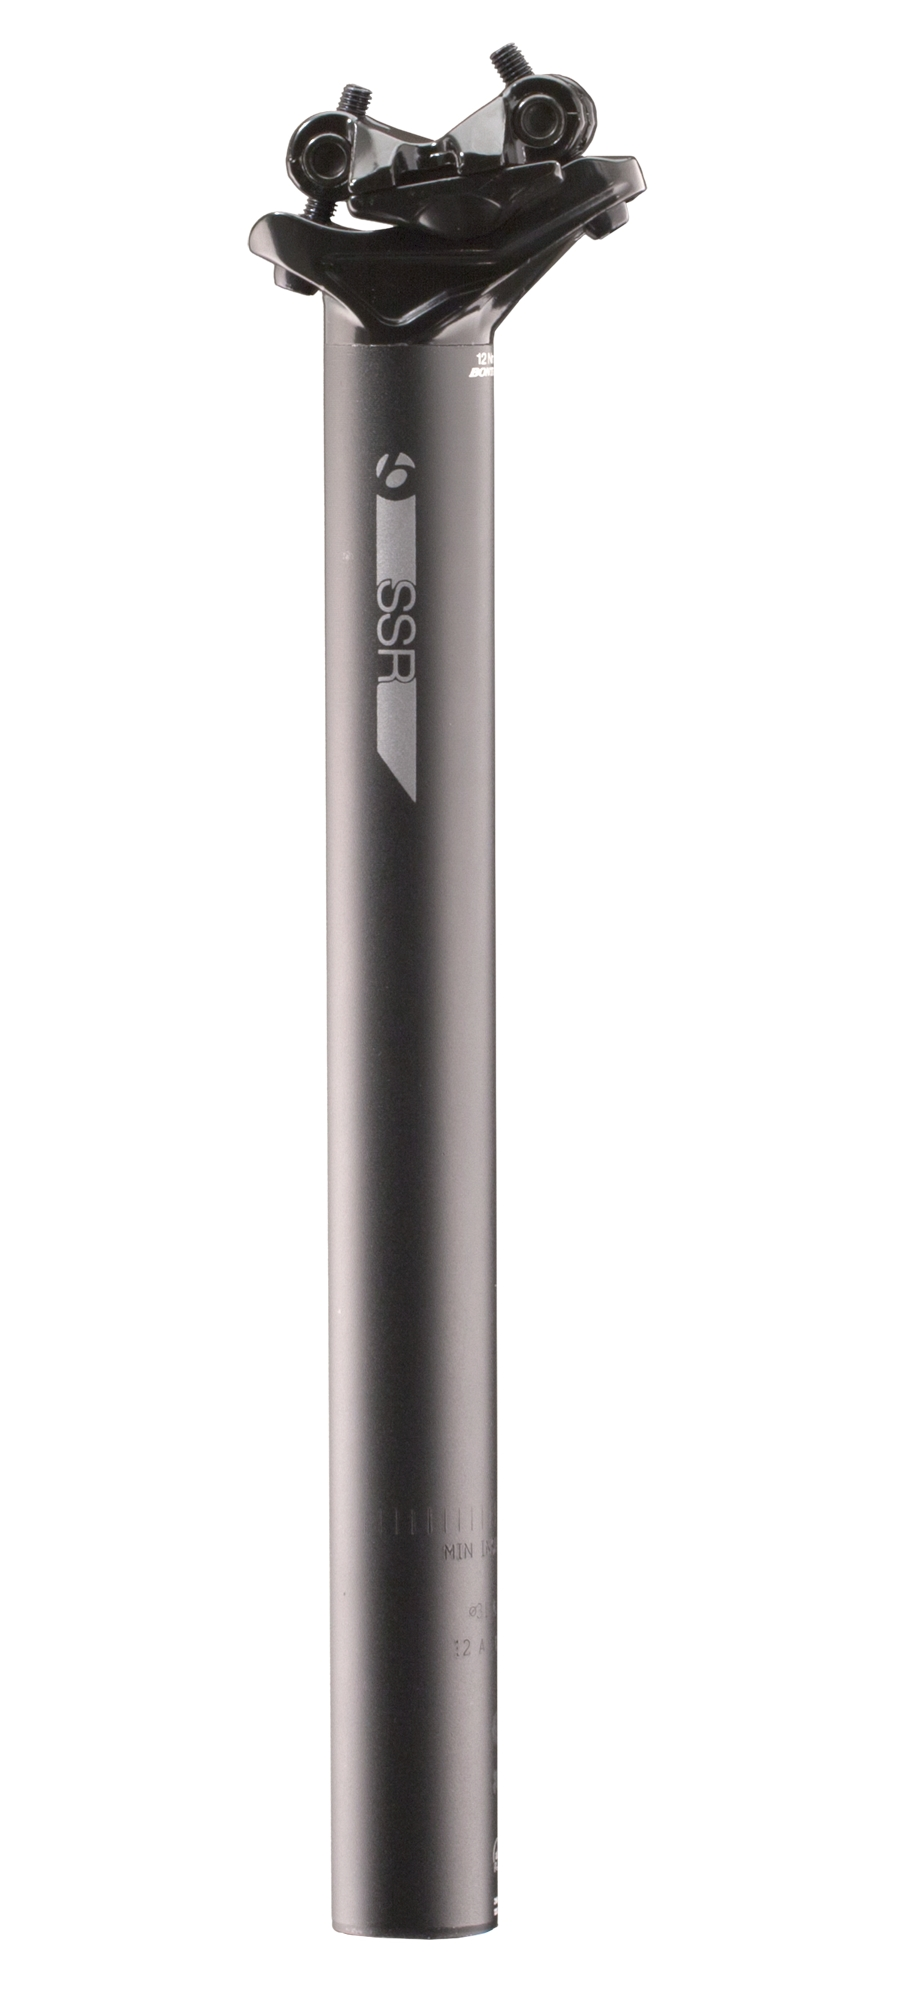 Bontrager Sattelstütze SSR 27,2x400mm 12mm Versatz Black - Bontrager Sattelstütze SSR 27,2x400mm 12mm Versatz Black